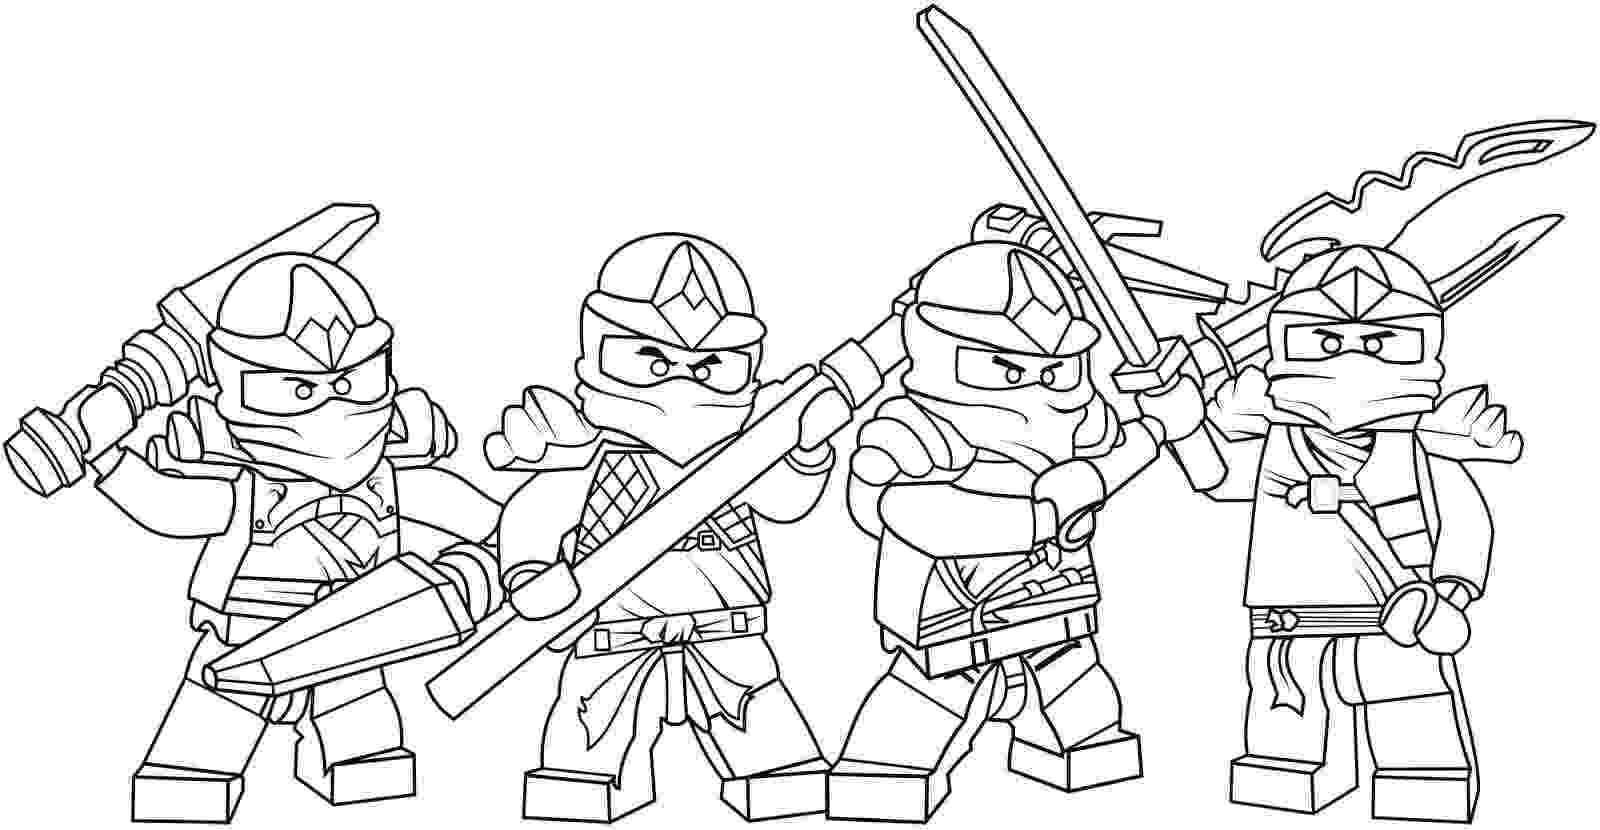 lego ninjago kai nrg ninjago nrg ninja pages coloring pages lego nrg ninjago kai